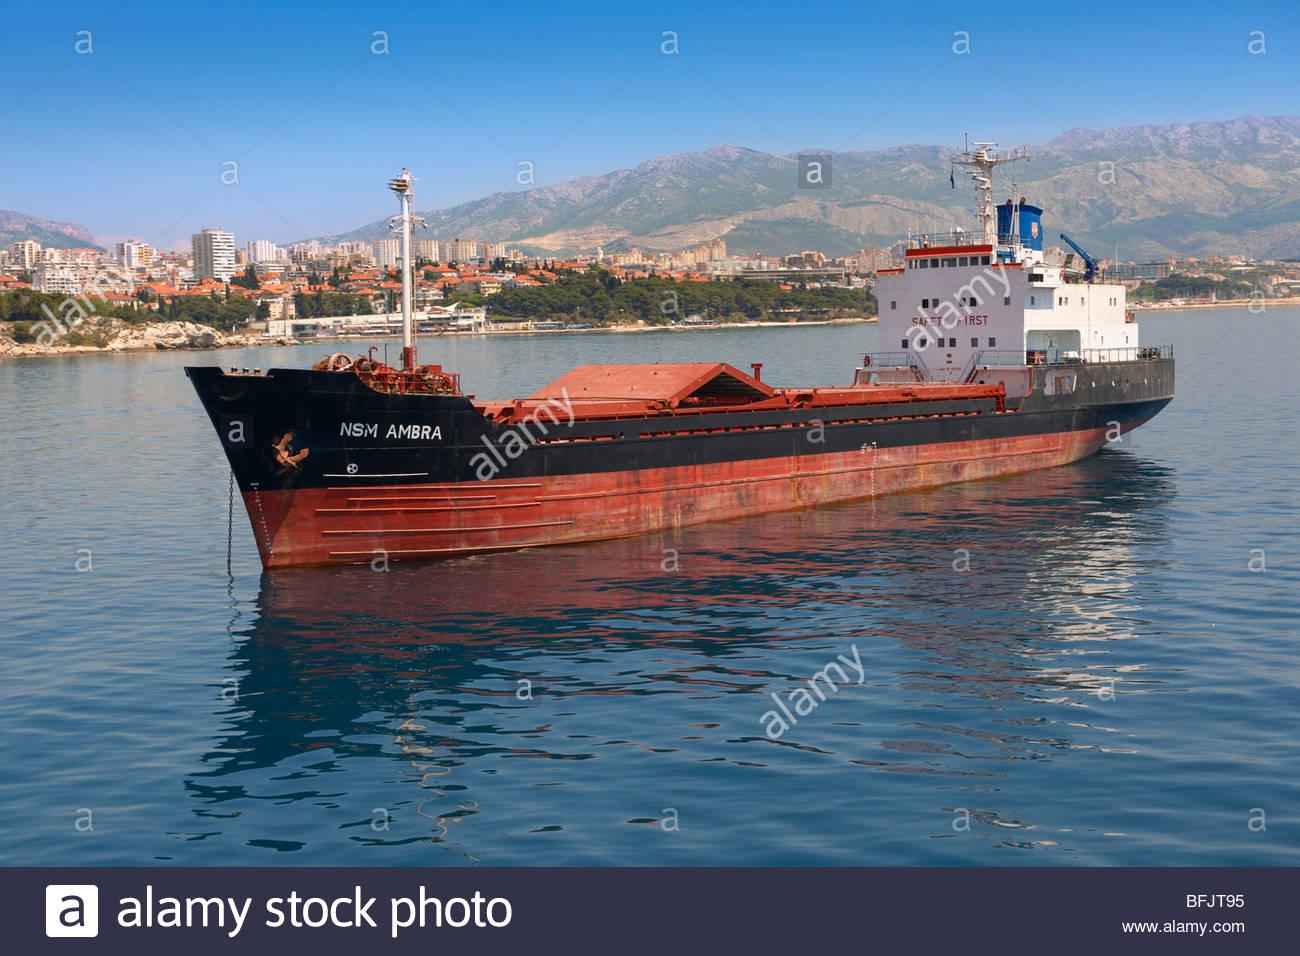 Schiff vor Anker außerhalb Hafen von Split, Kroatien. Stockfoto